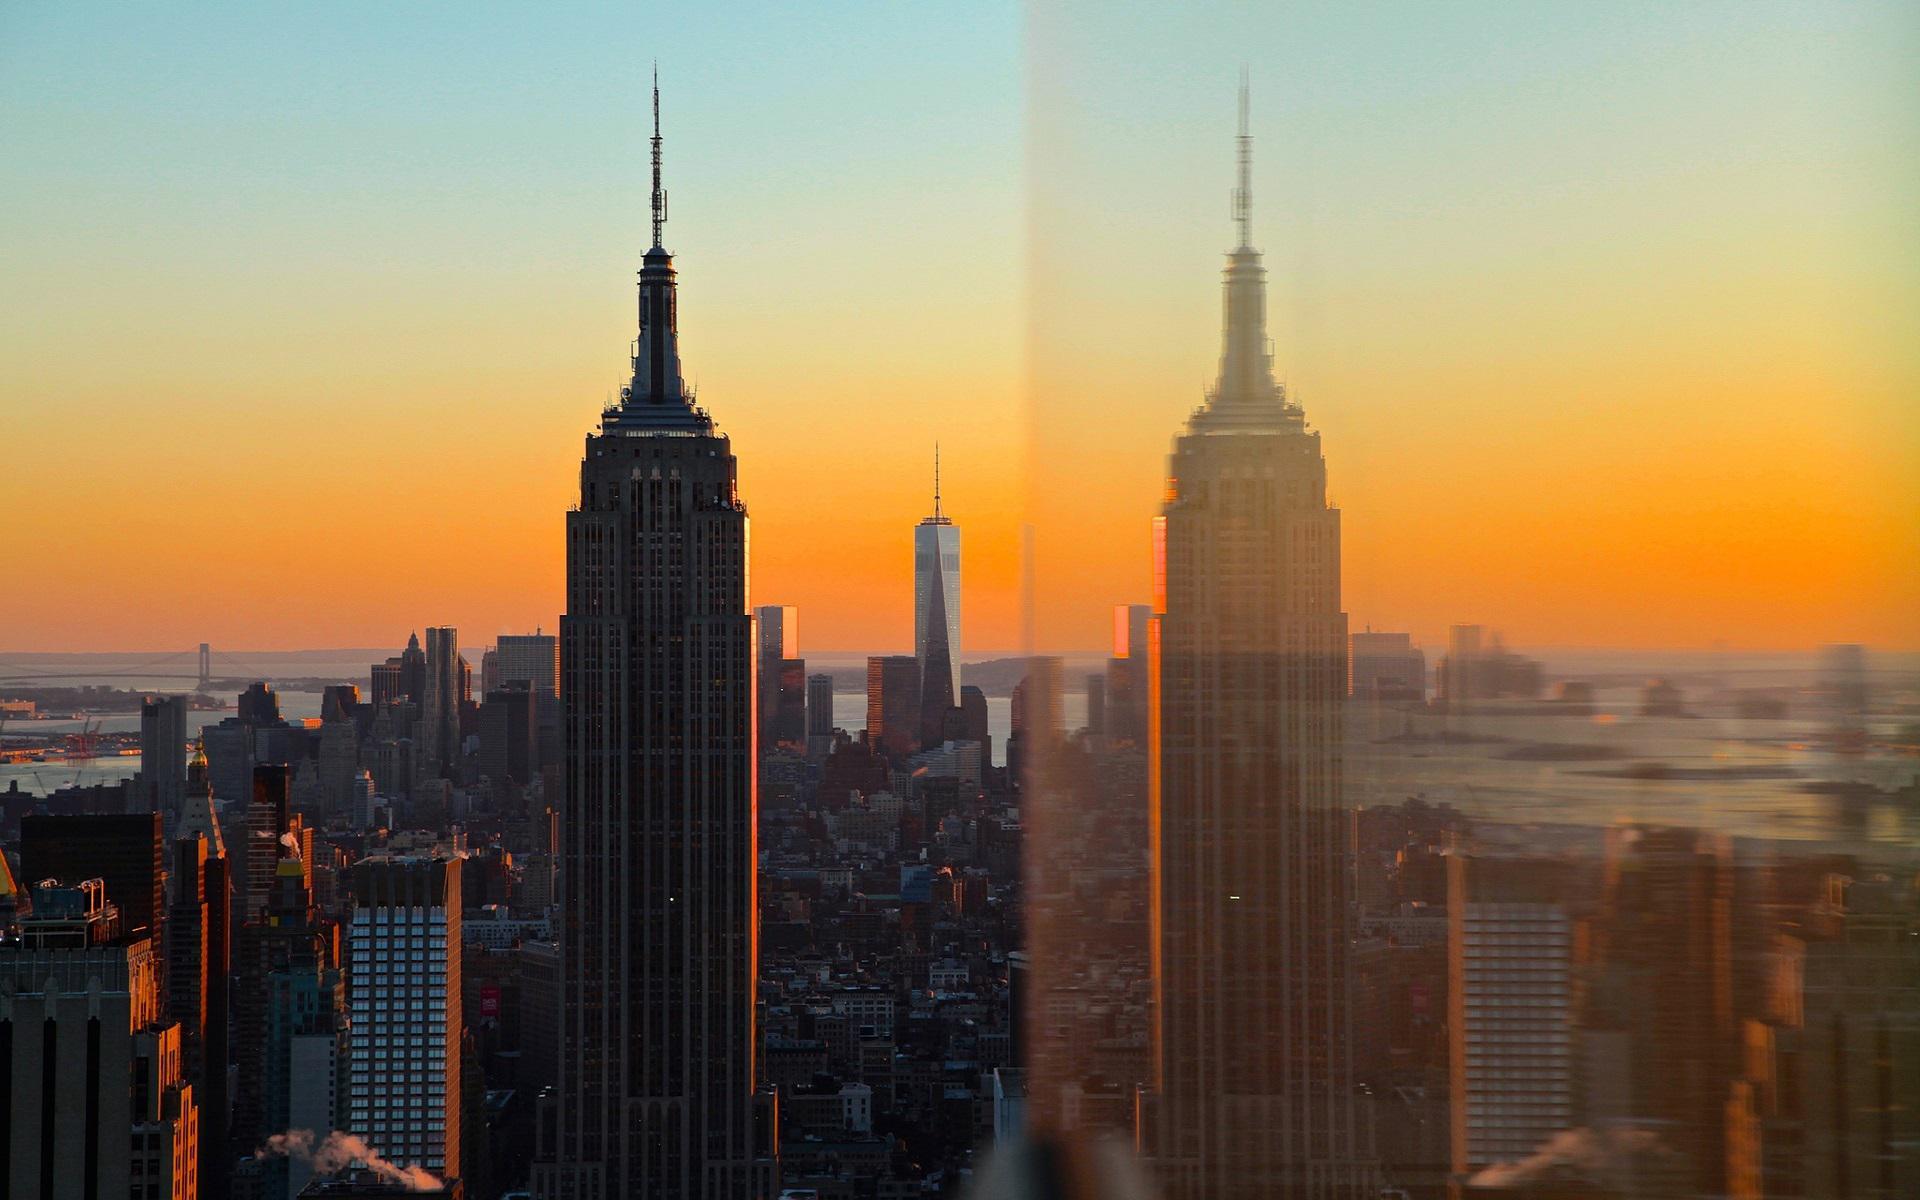 Эмпайр-стейт-билдинг Эмпайр-стейт-билдинг США Нью-Йорк